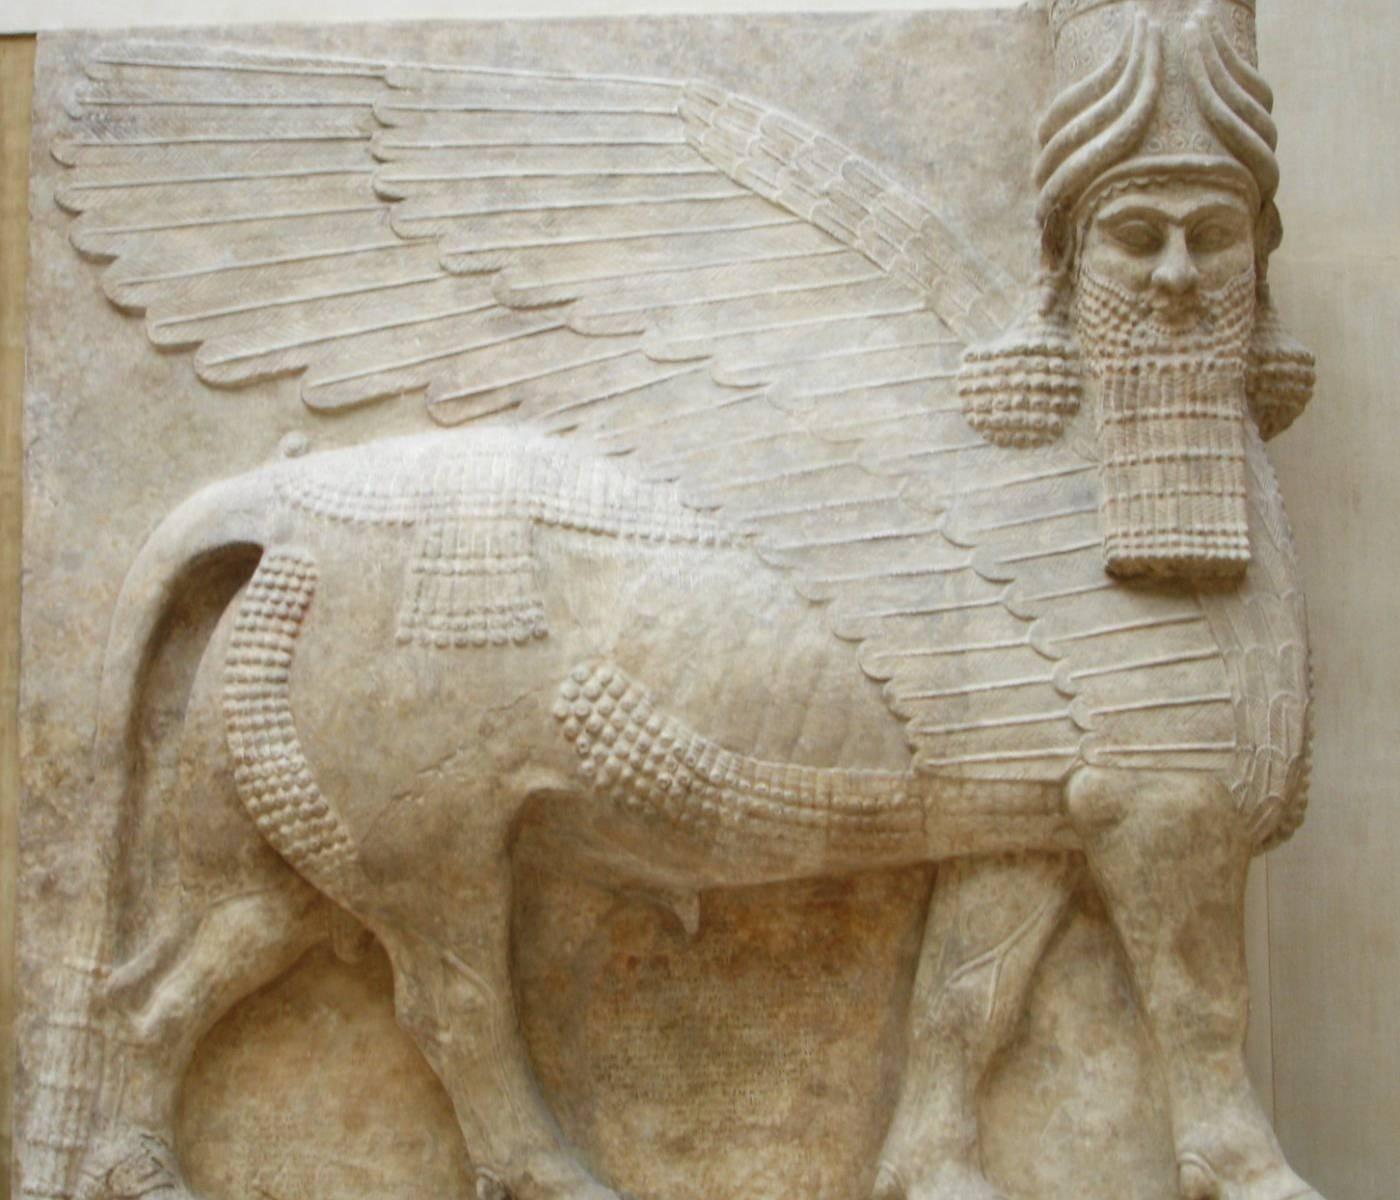 Wszyscy wiemy, że połączenie różnych istot i symboli było dość powszechne w starożytnym Egipcie, a także w starożytnej Mezopotamii. I tu warto przypomnieć sobie egipskie sfinksy, skrzydlate babilońskie byki i greckie harpie, ponieważ Ezechiel był jednym z żydowskich proroków, którzy żyli na wygnaniu w Babilonie około VI wieku przed Chr., więc jego wizja mogła ukształtować się pod wpływem - jak twierdzą bibliści - starożytnych motywów sztuki asyryjskiej, w których te kombinacje były rzeczywiście dość powszechne.